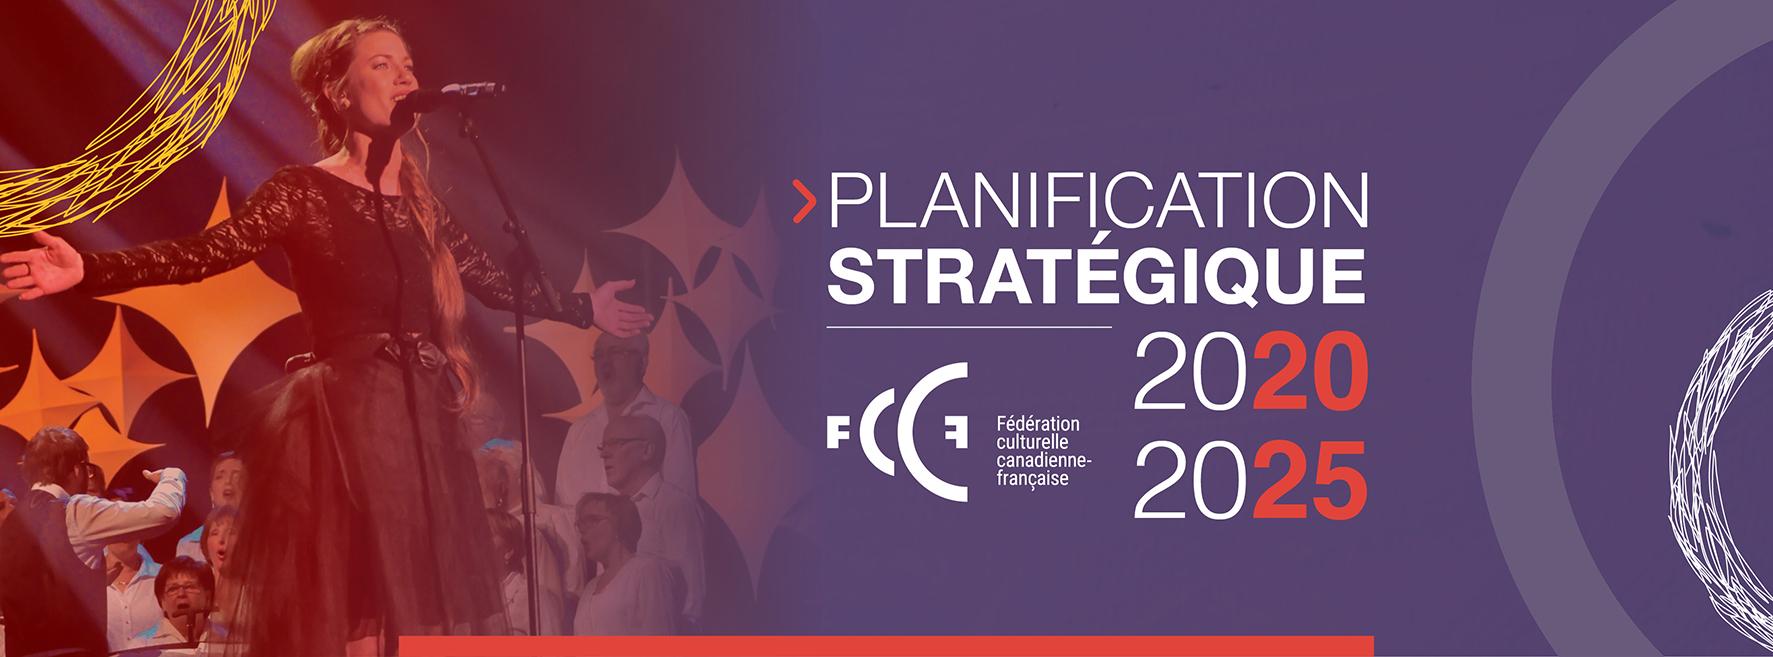 La FCCF dévoile son Plan stratégique 2020-2025